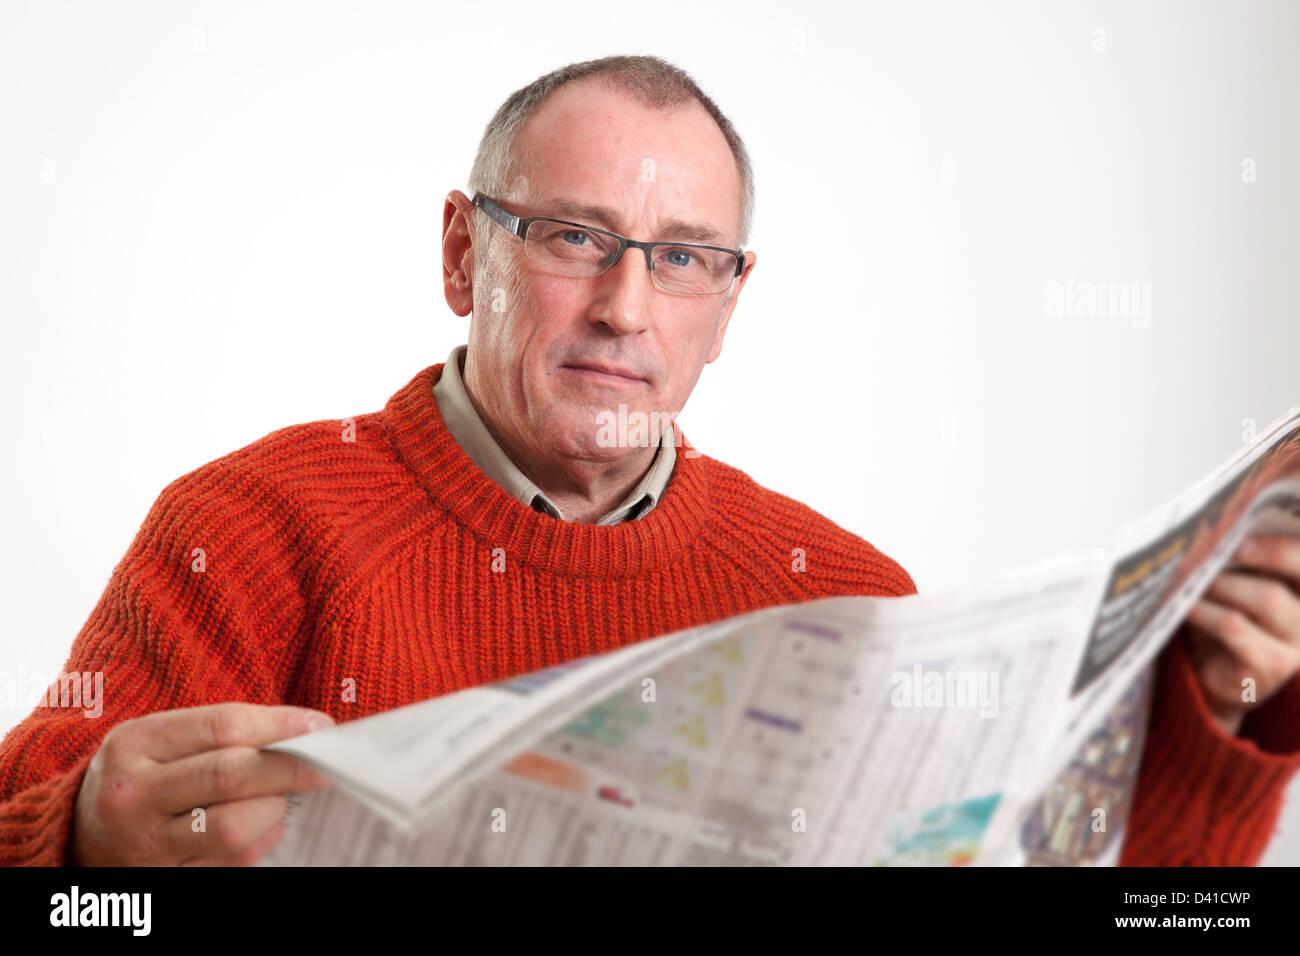 Homme mûr en 50s le port de chandail, la lecture d'un journal grand format, à la caméra à Photo Stock